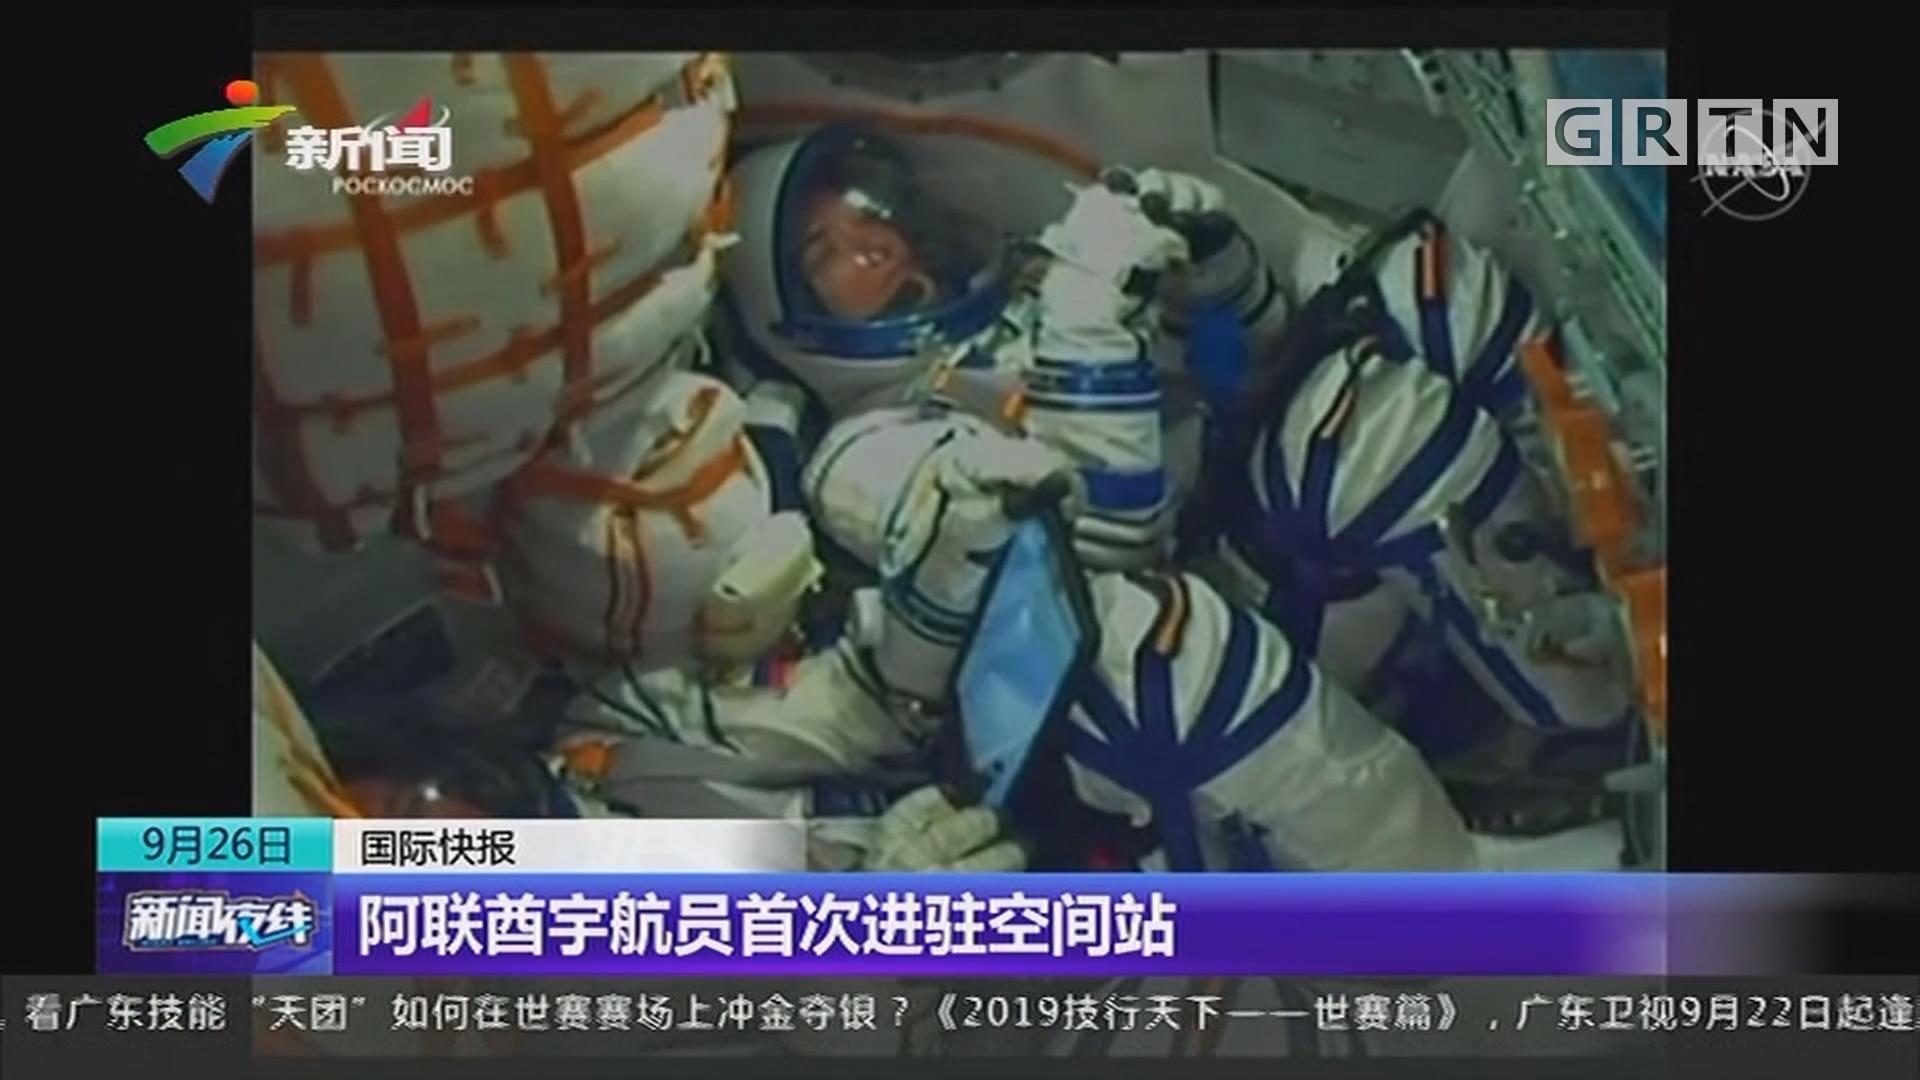 阿联酋宇航员首次进驻空间站